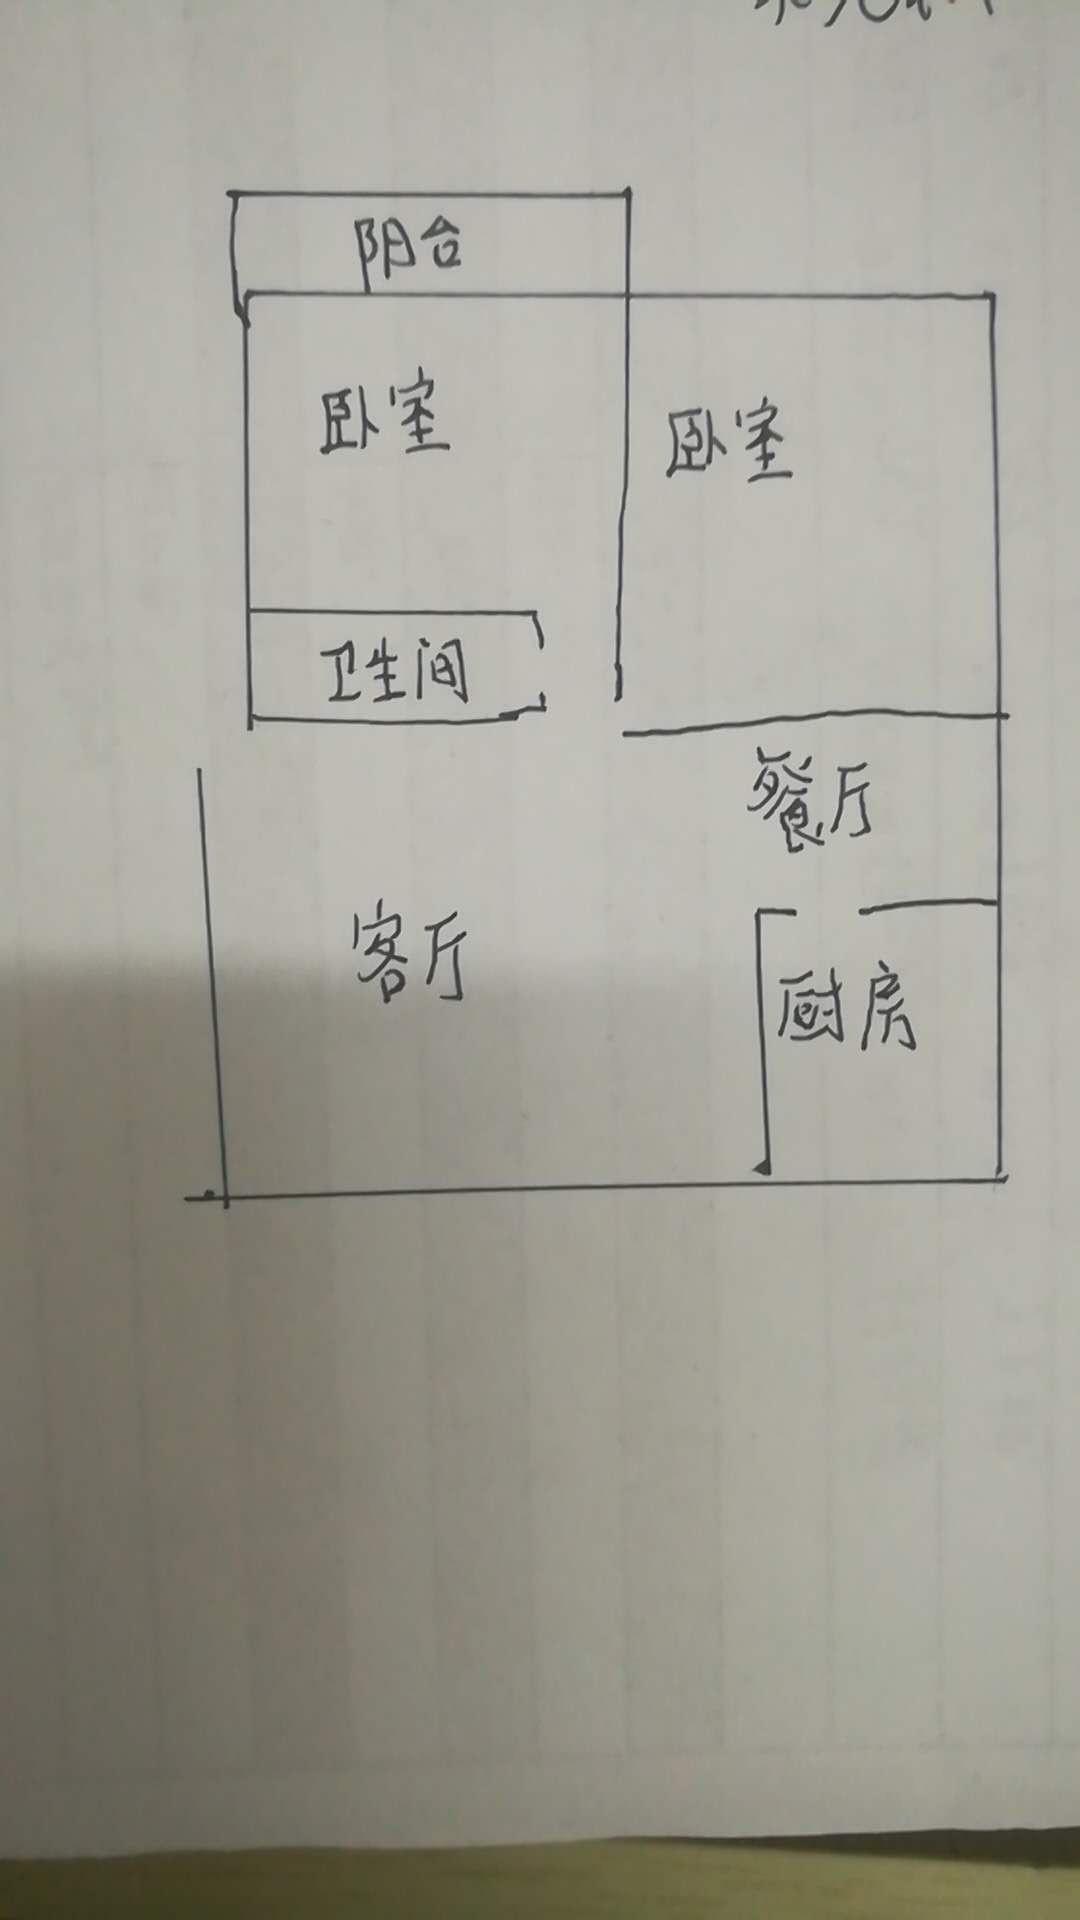 三和竹园 2室2厅 4楼